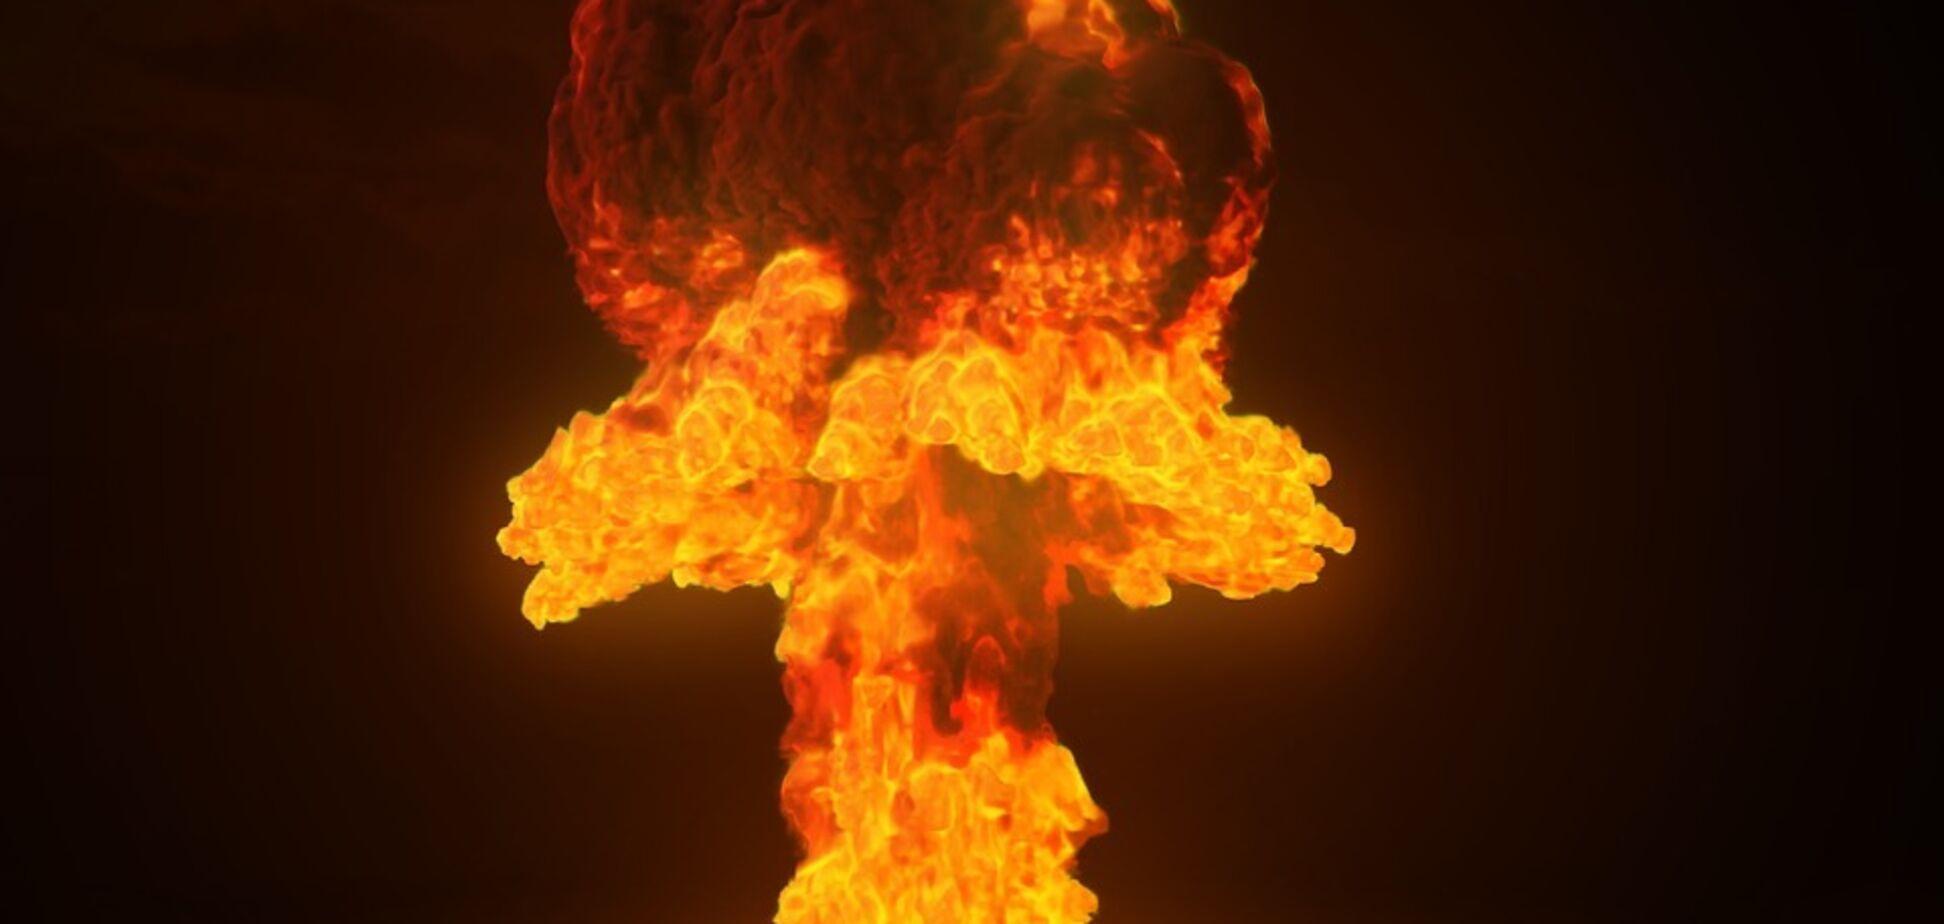 В Сирии прогремел взрыв на газовом заводе вблизи военной базы США